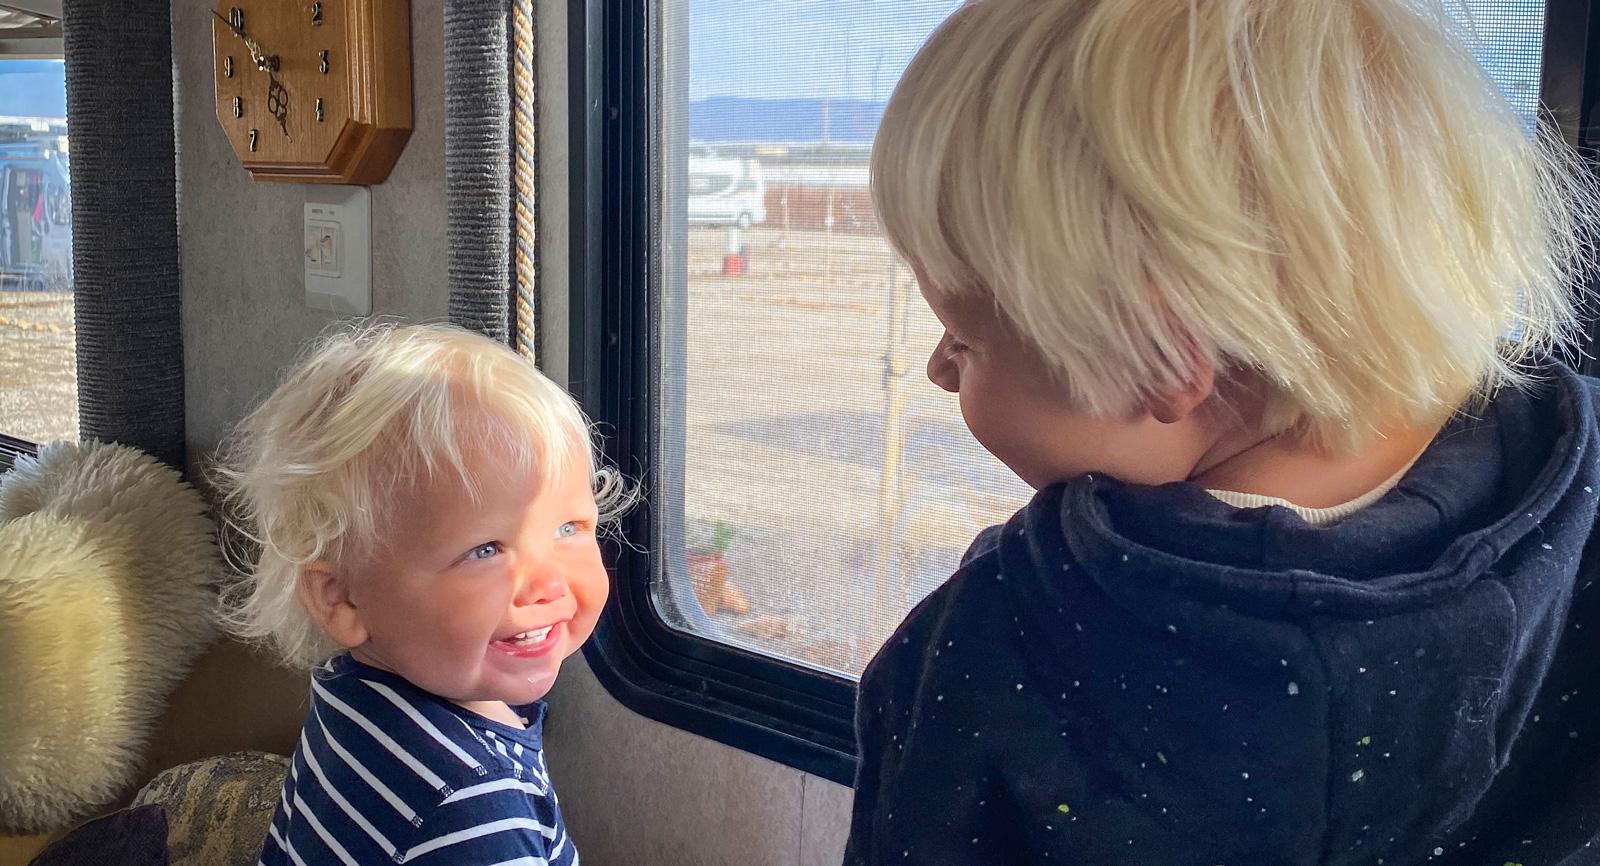 Brorsorna Manne och Zeke trivs med livet på resande fot ihusbussen, vilket gör föräldrarna glada och lättade.